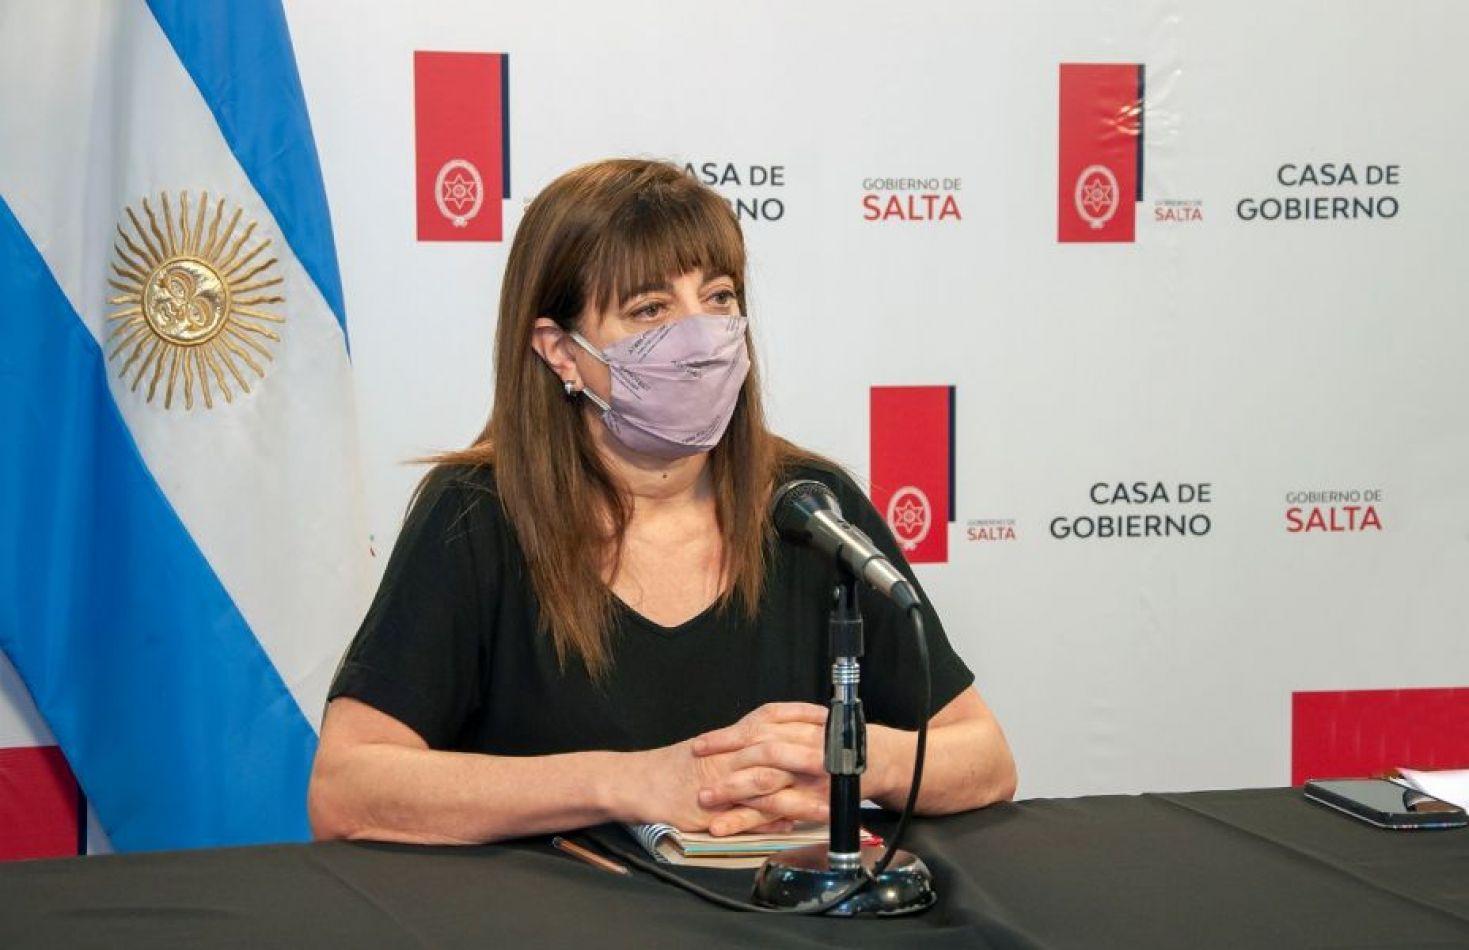 """Dra. Adriana Jure: """"Se va a hacer un empadronamiento de las personas entre 18 y 39 años con intención de vacunarse """""""